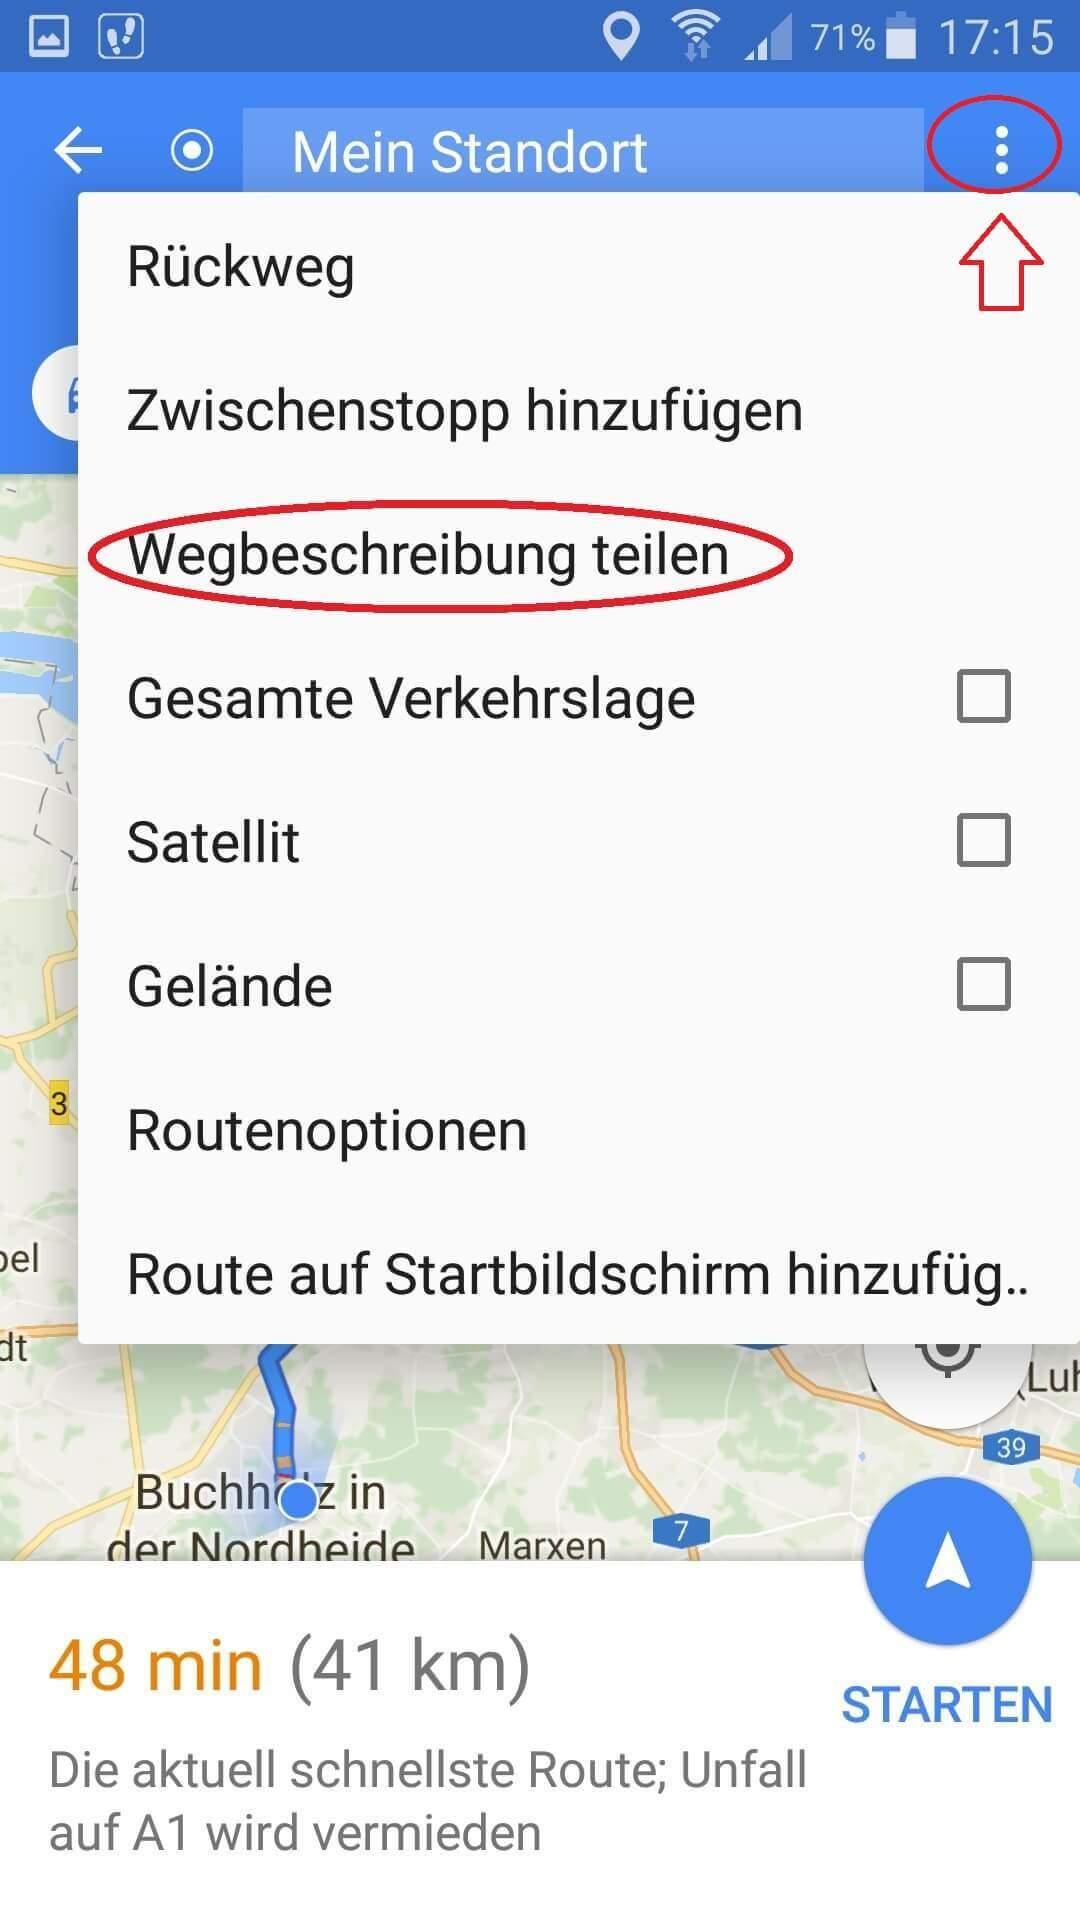 Google Maps Webbeschreibung teilen